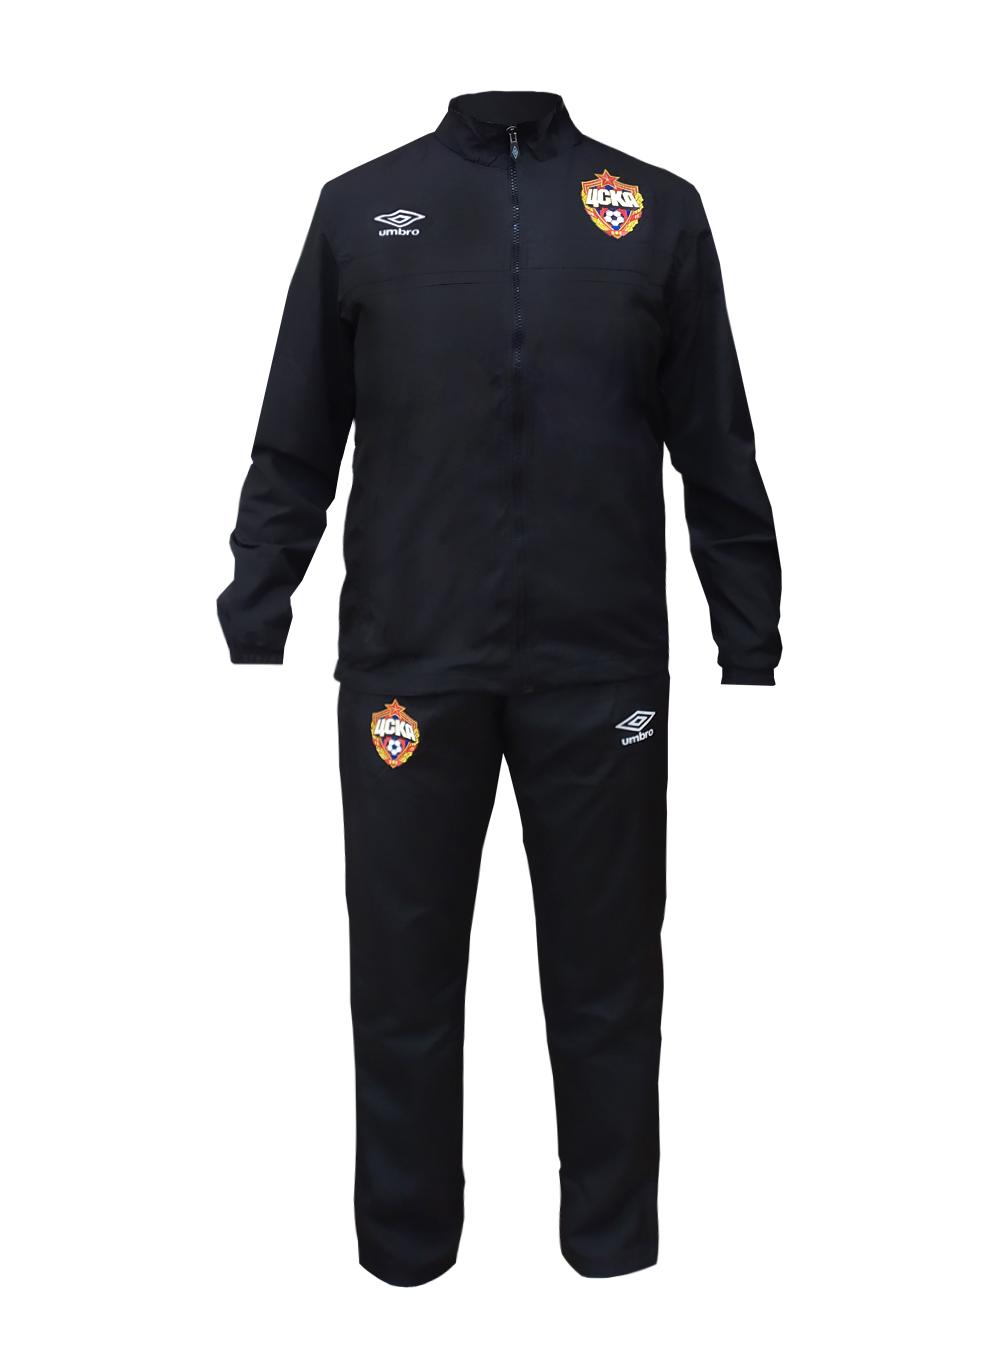 Костюм спортивный детский (куртка и брюки), черный/белый (164) фото